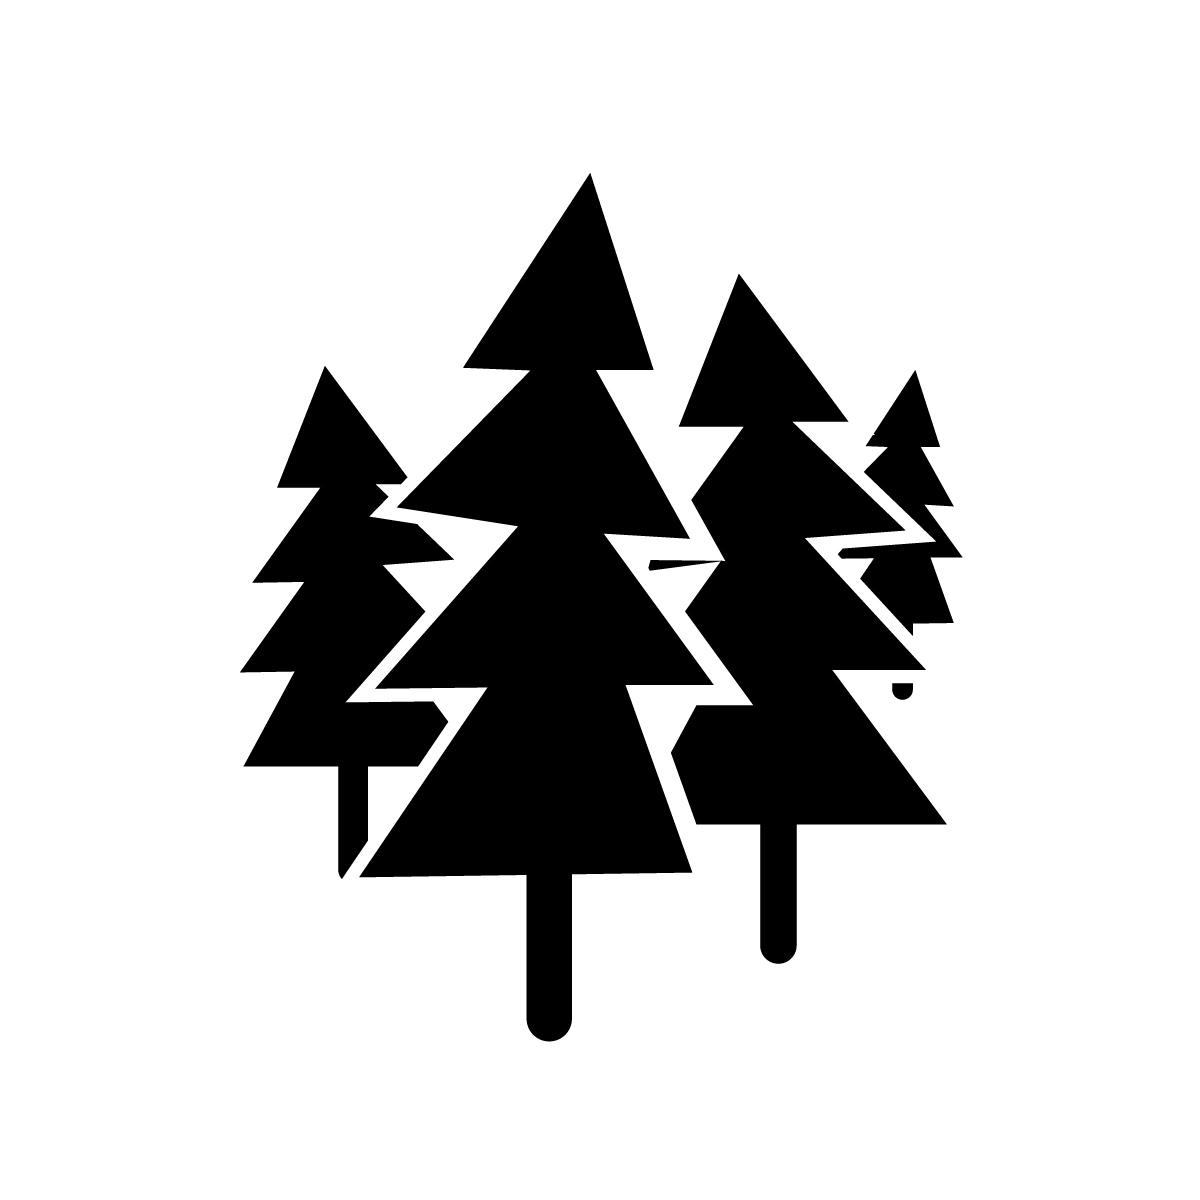 cc-logo_152.jpg